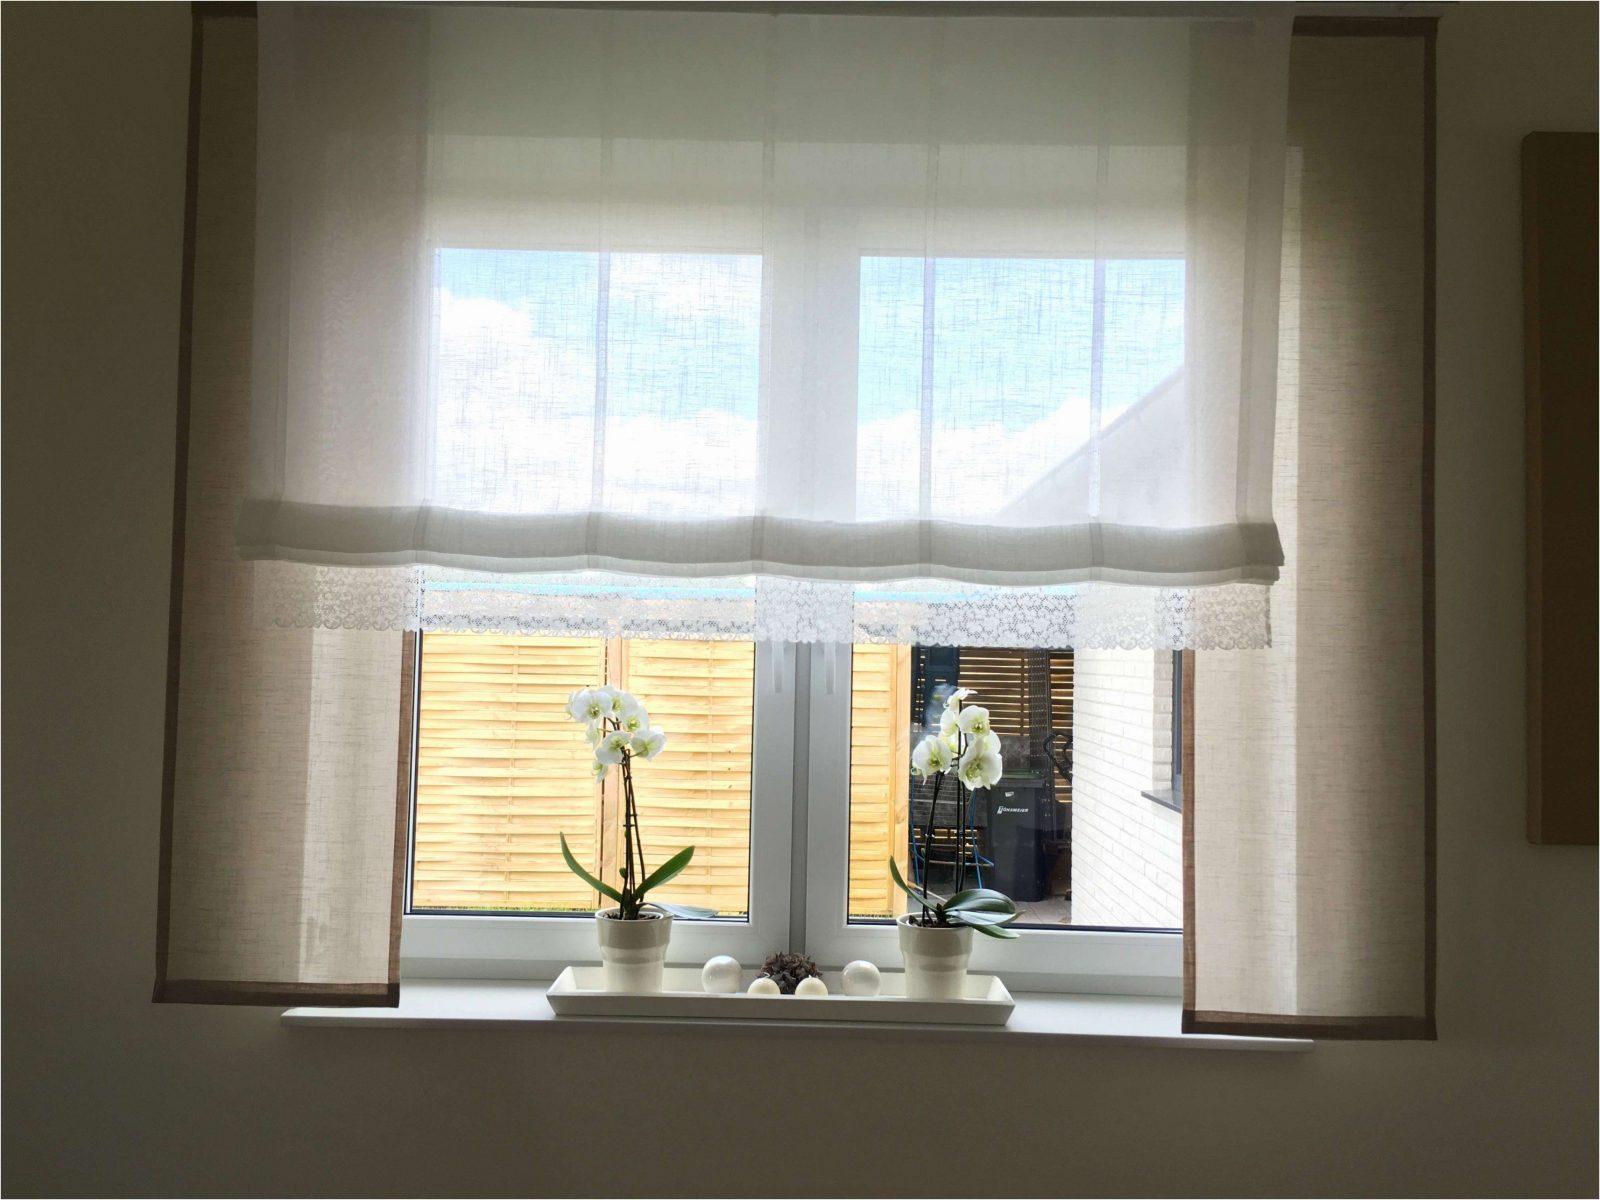 Gardinen Für Breite Fensterfront Designideen Von Gardinen Große von Gardinen Für Große Fensterfront Photo